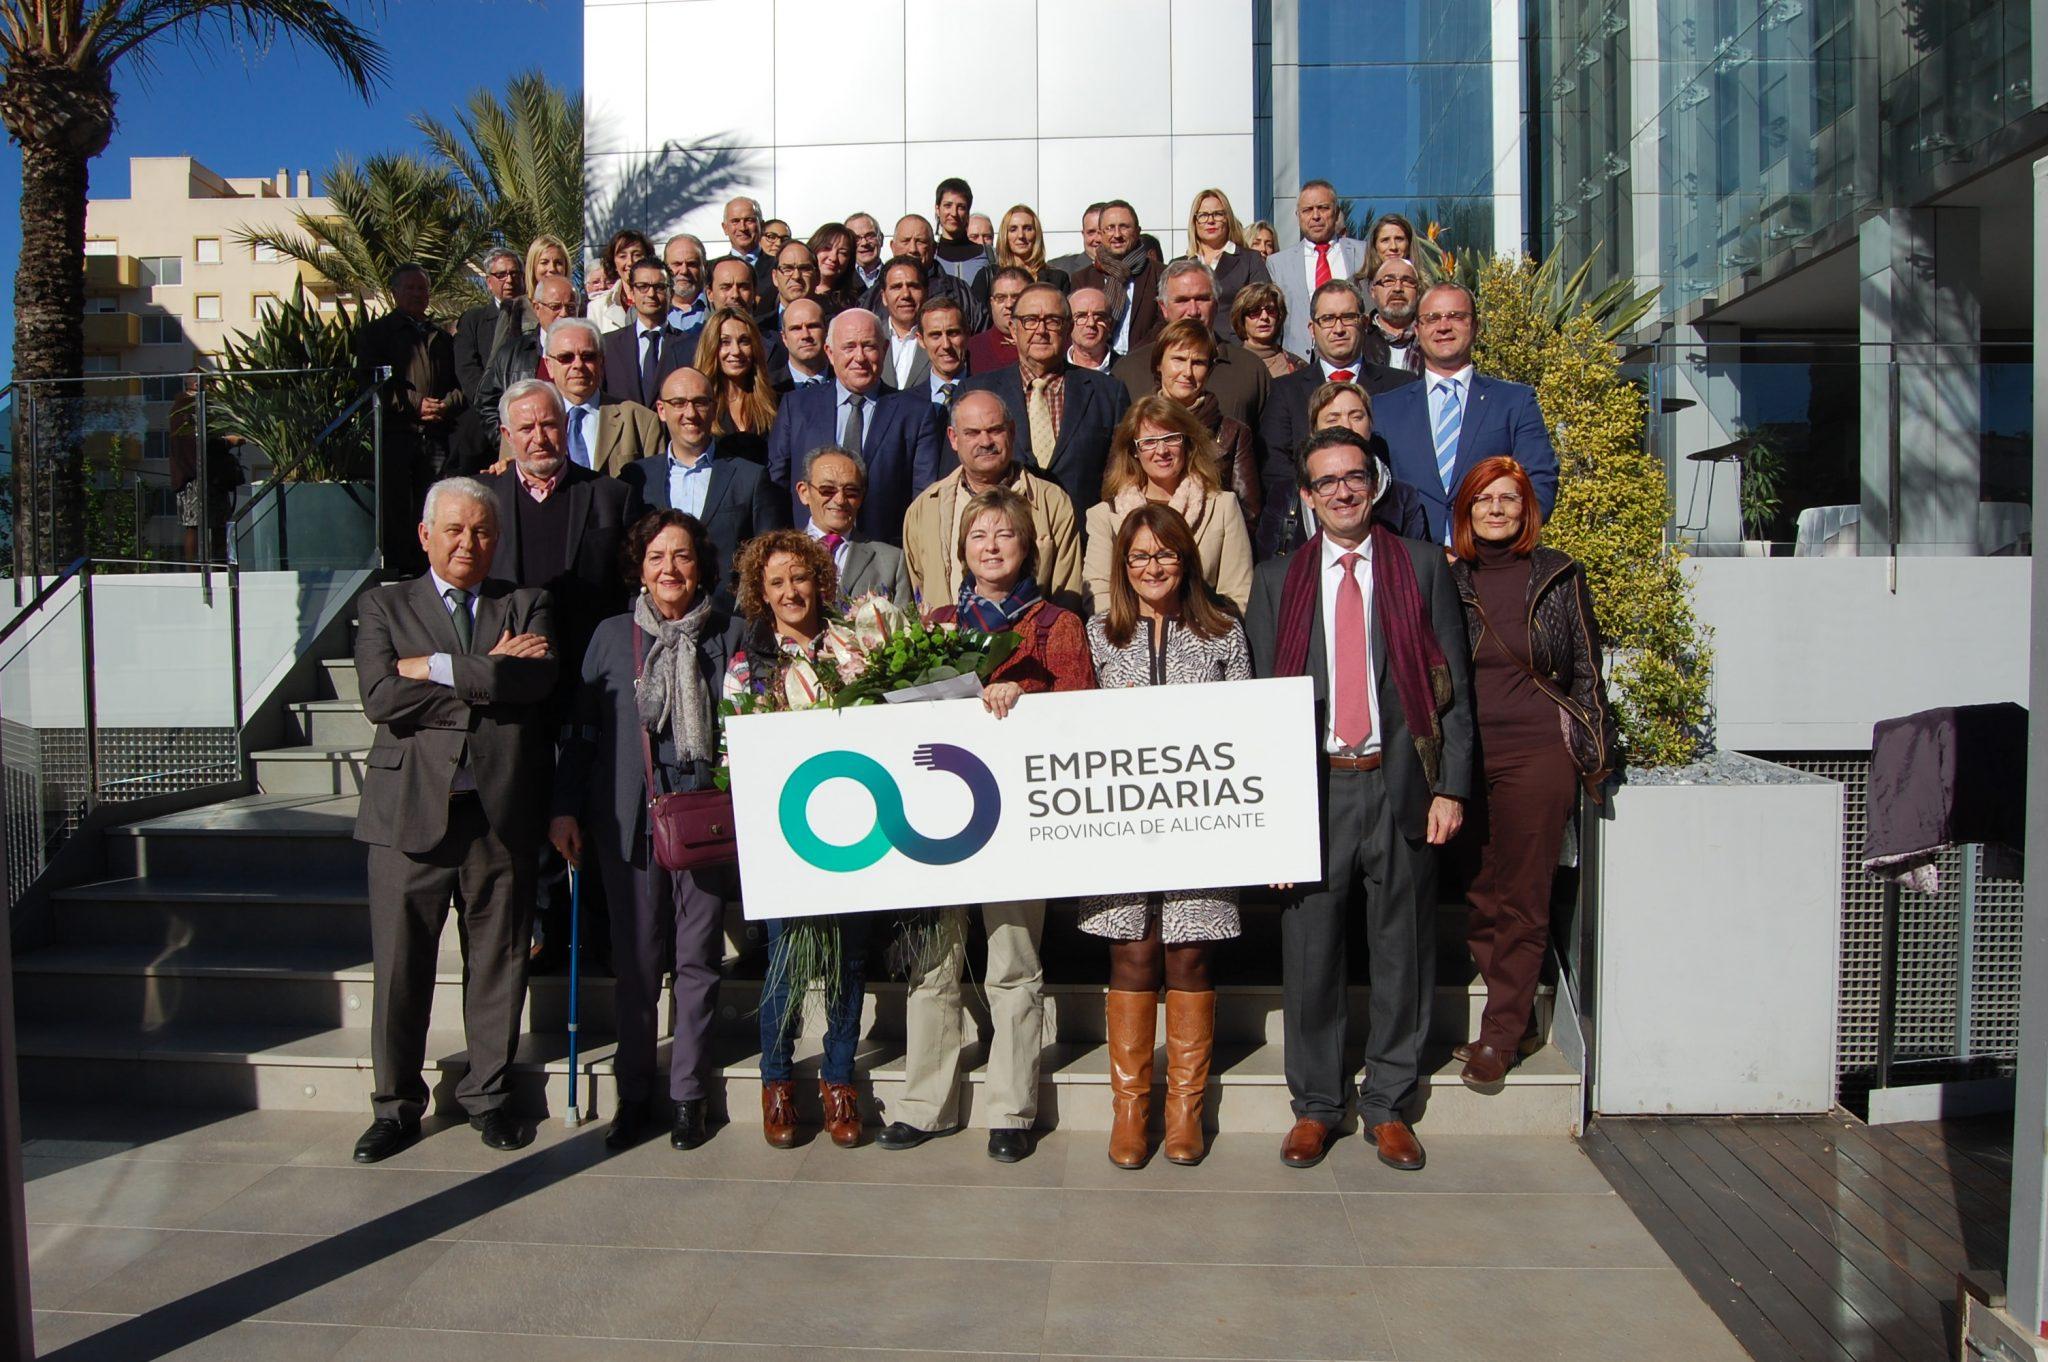 Empresas Solidarias Alicante 2014